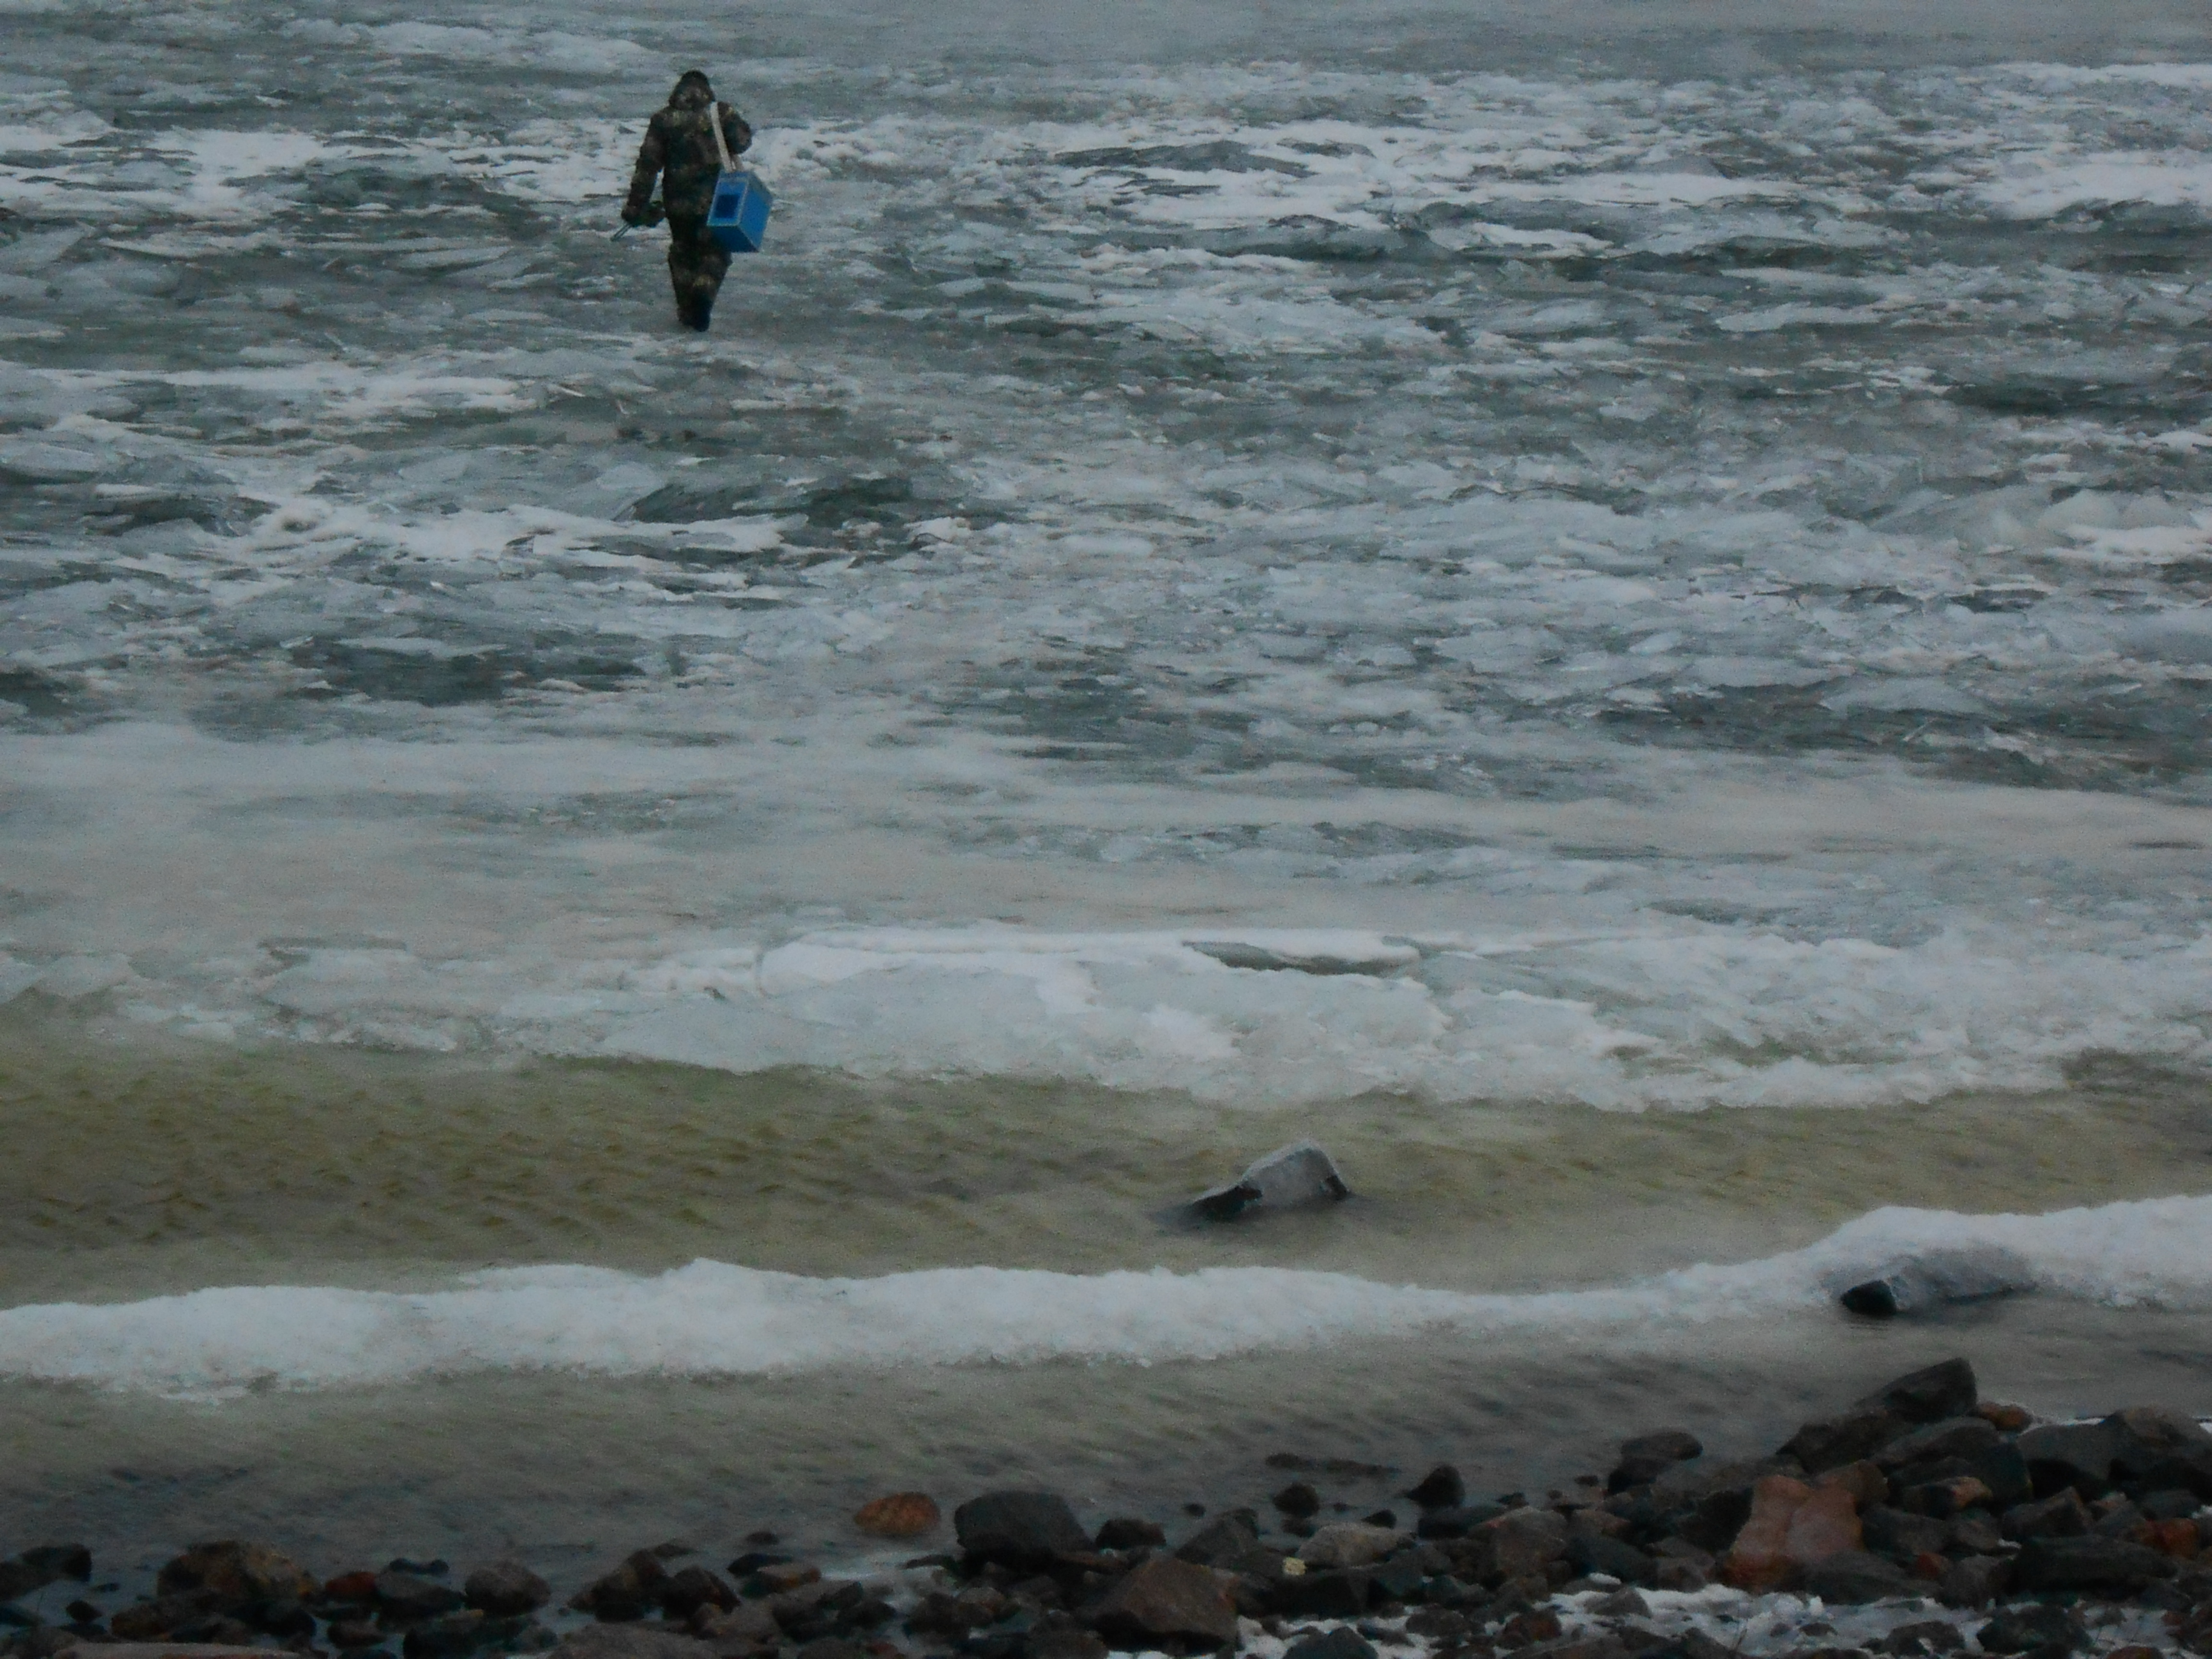 На Финском заливе у дамбы спасли трех рыбаков (Иллюстрация 1 из 1) (Фото: Пресс-служба ГУ МЧС России по Санкт-Петербургу)